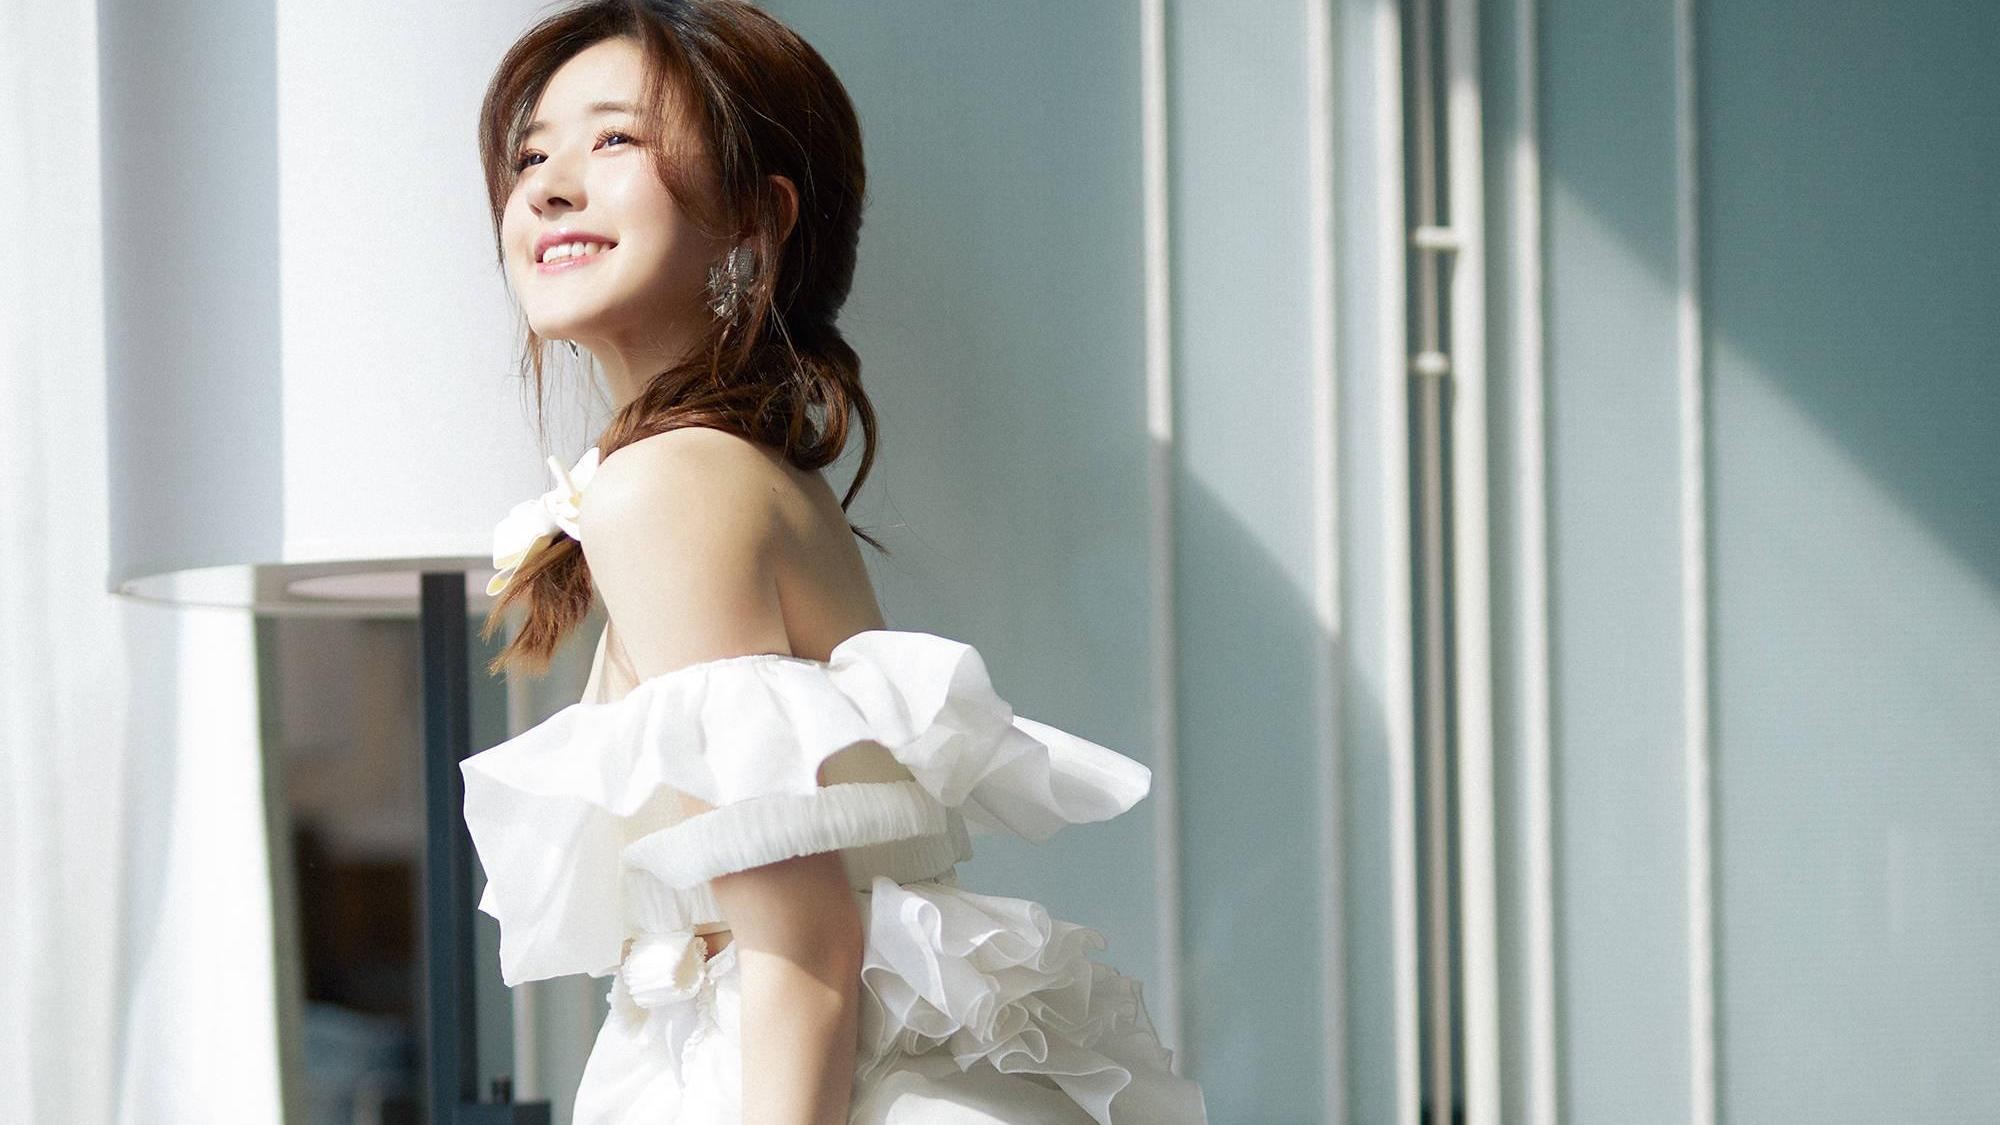 赵露思婚纱写真,白色抹胸拖地婚纱礼服高贵优雅,头顶蝴蝶结像头纱